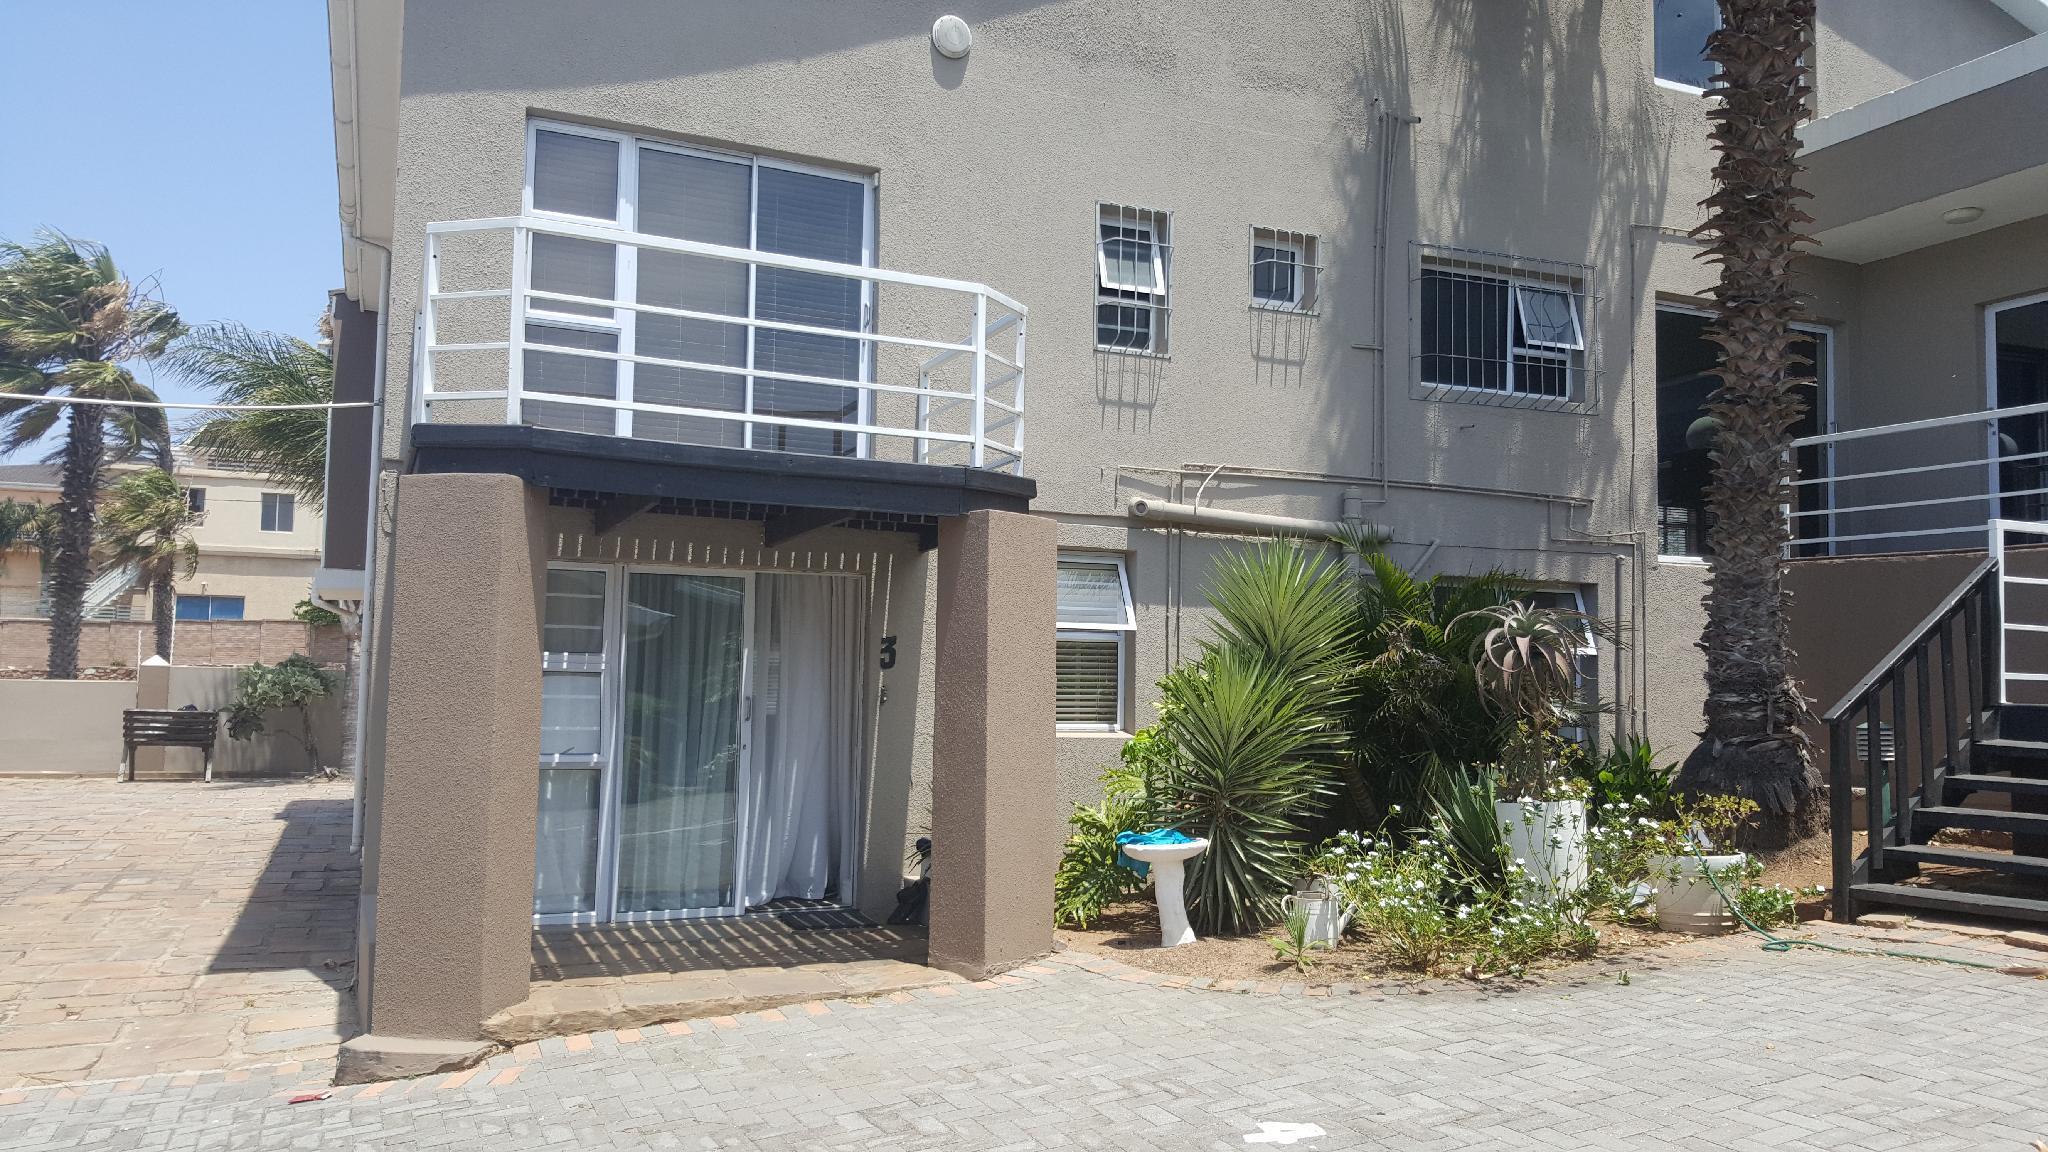 Unit 3 @ 9 La Roche Self Catering Apartments